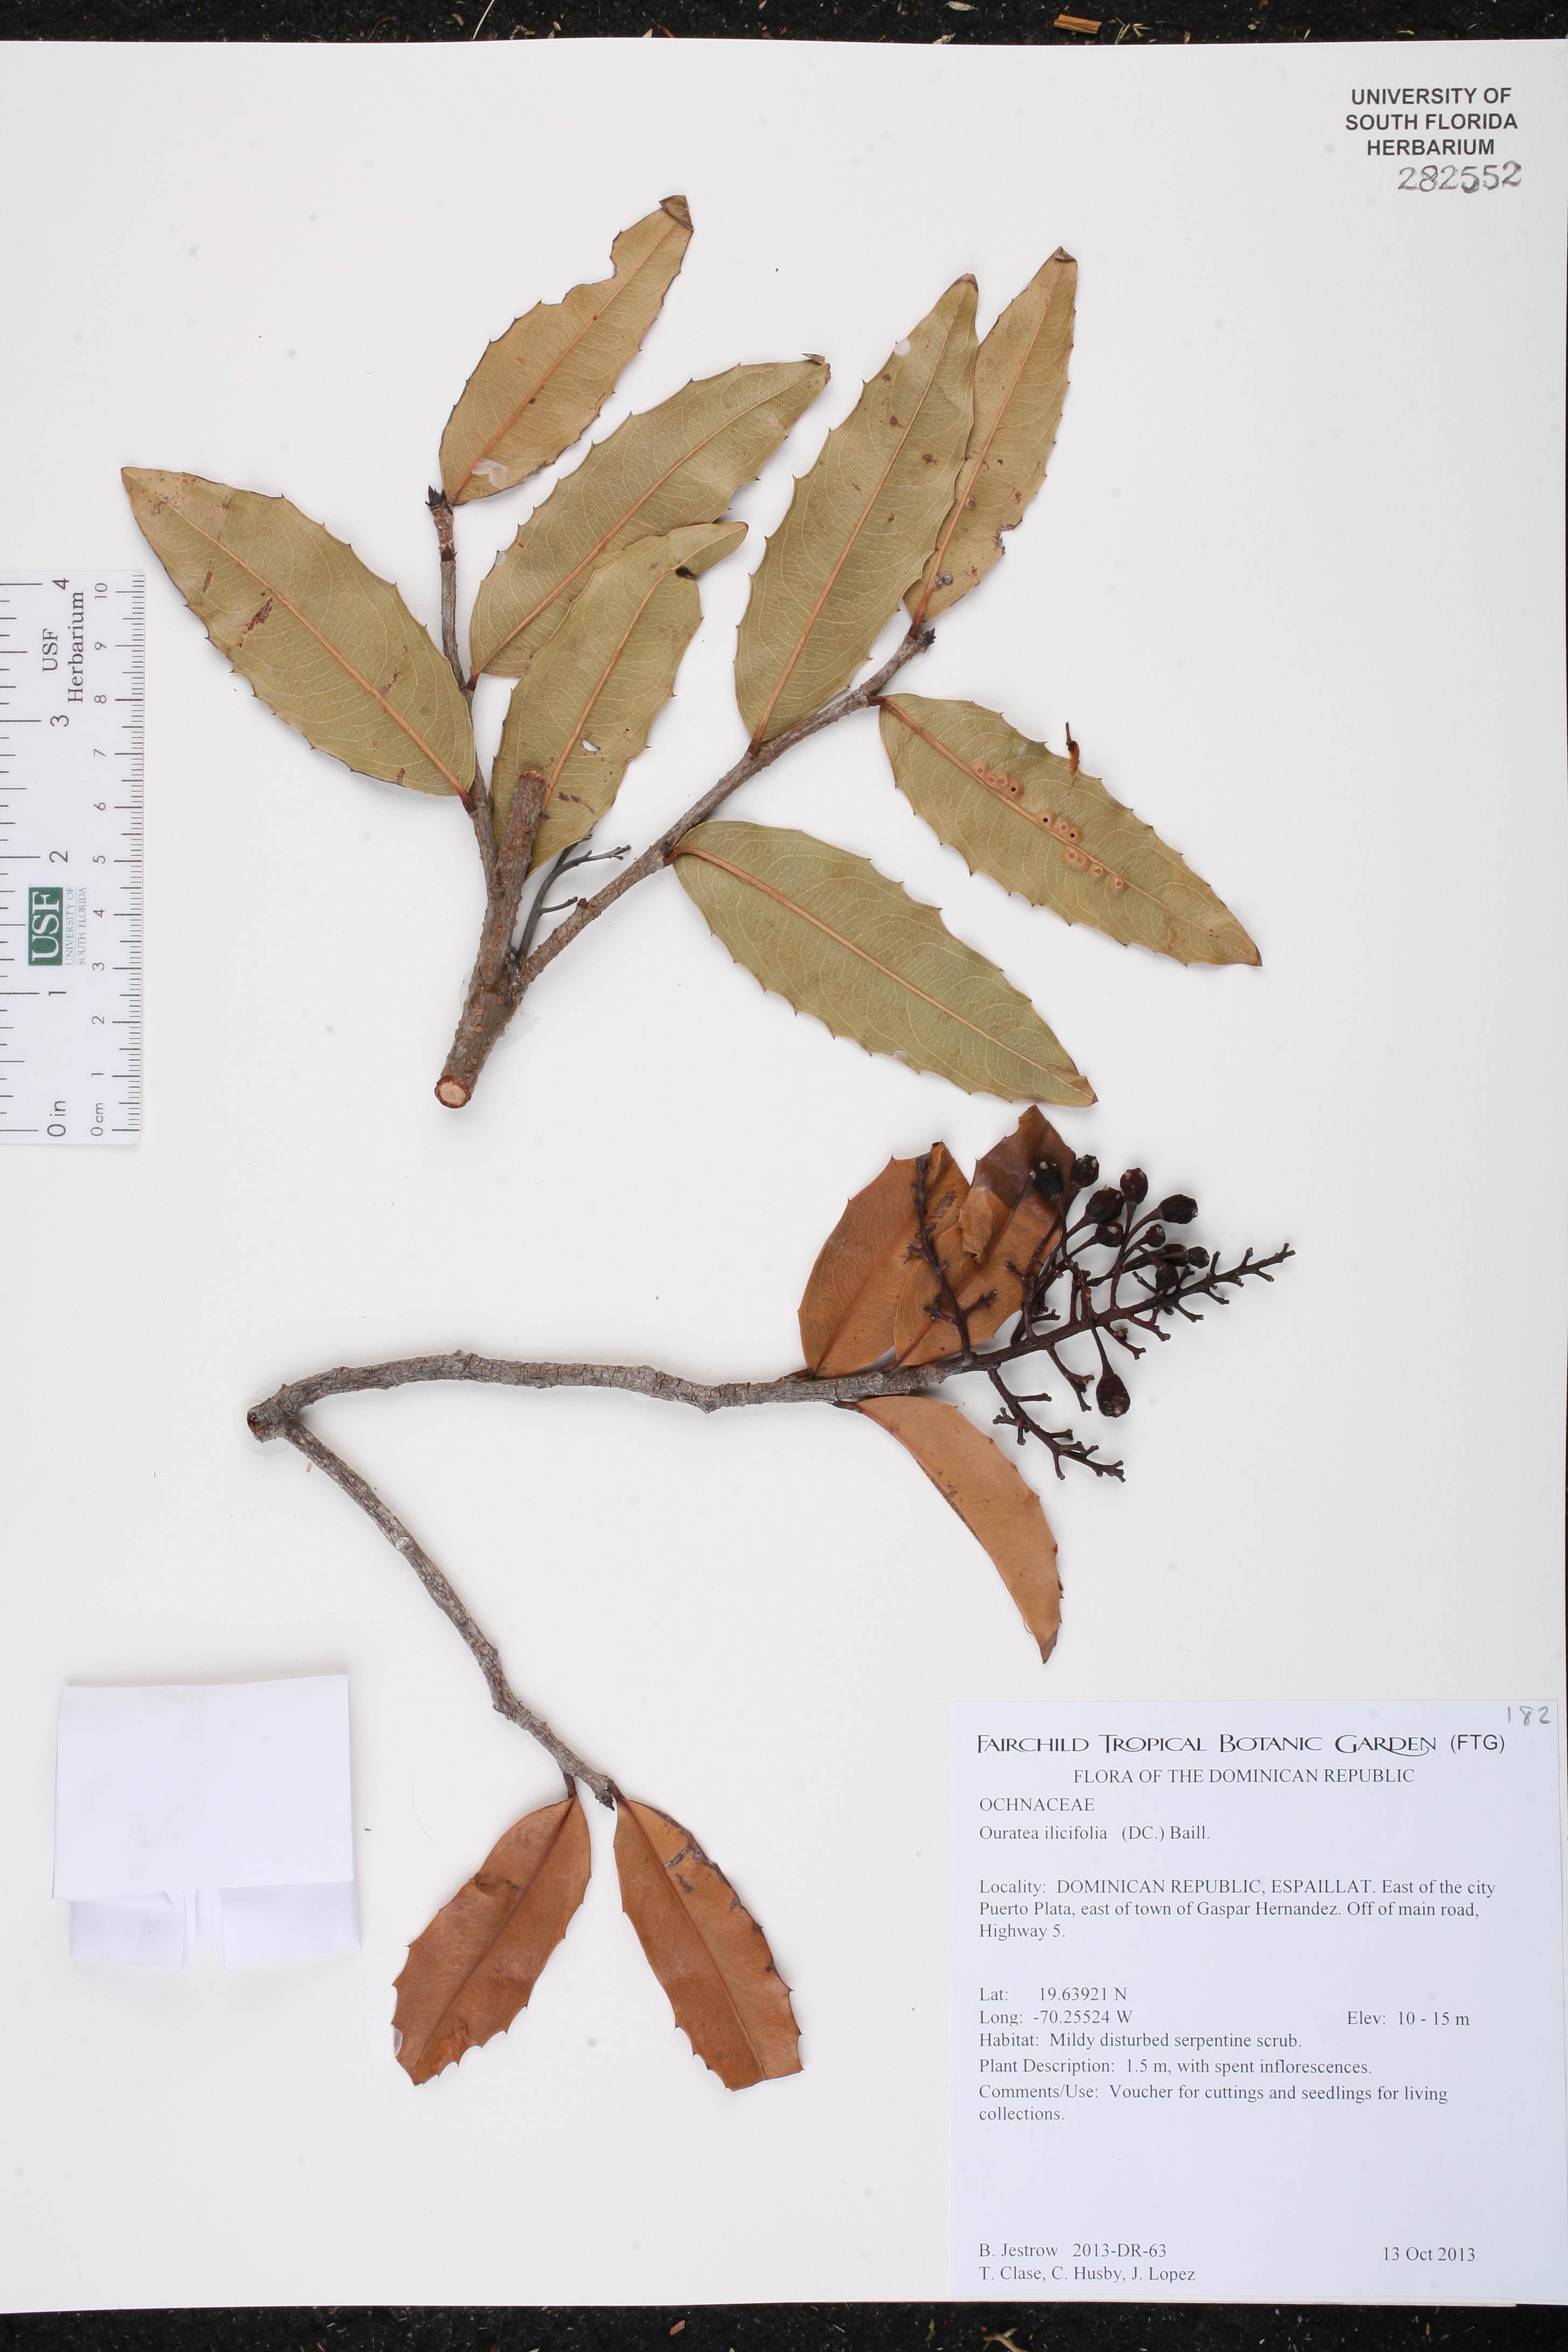 Ouratea ilicifolia image